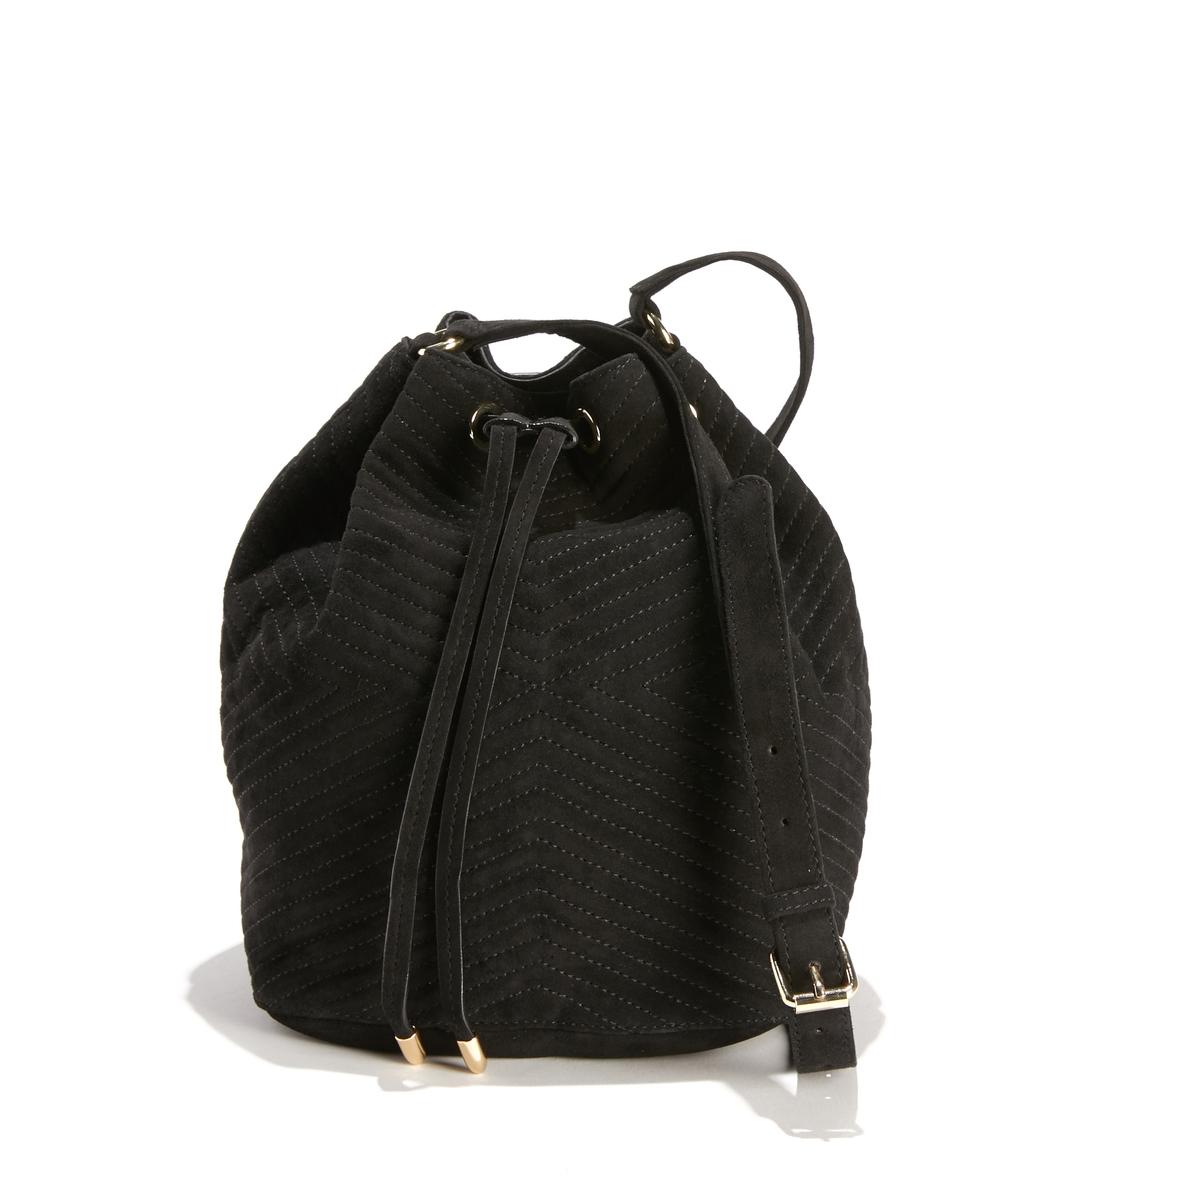 Сумка-торба из кожи SIENNE